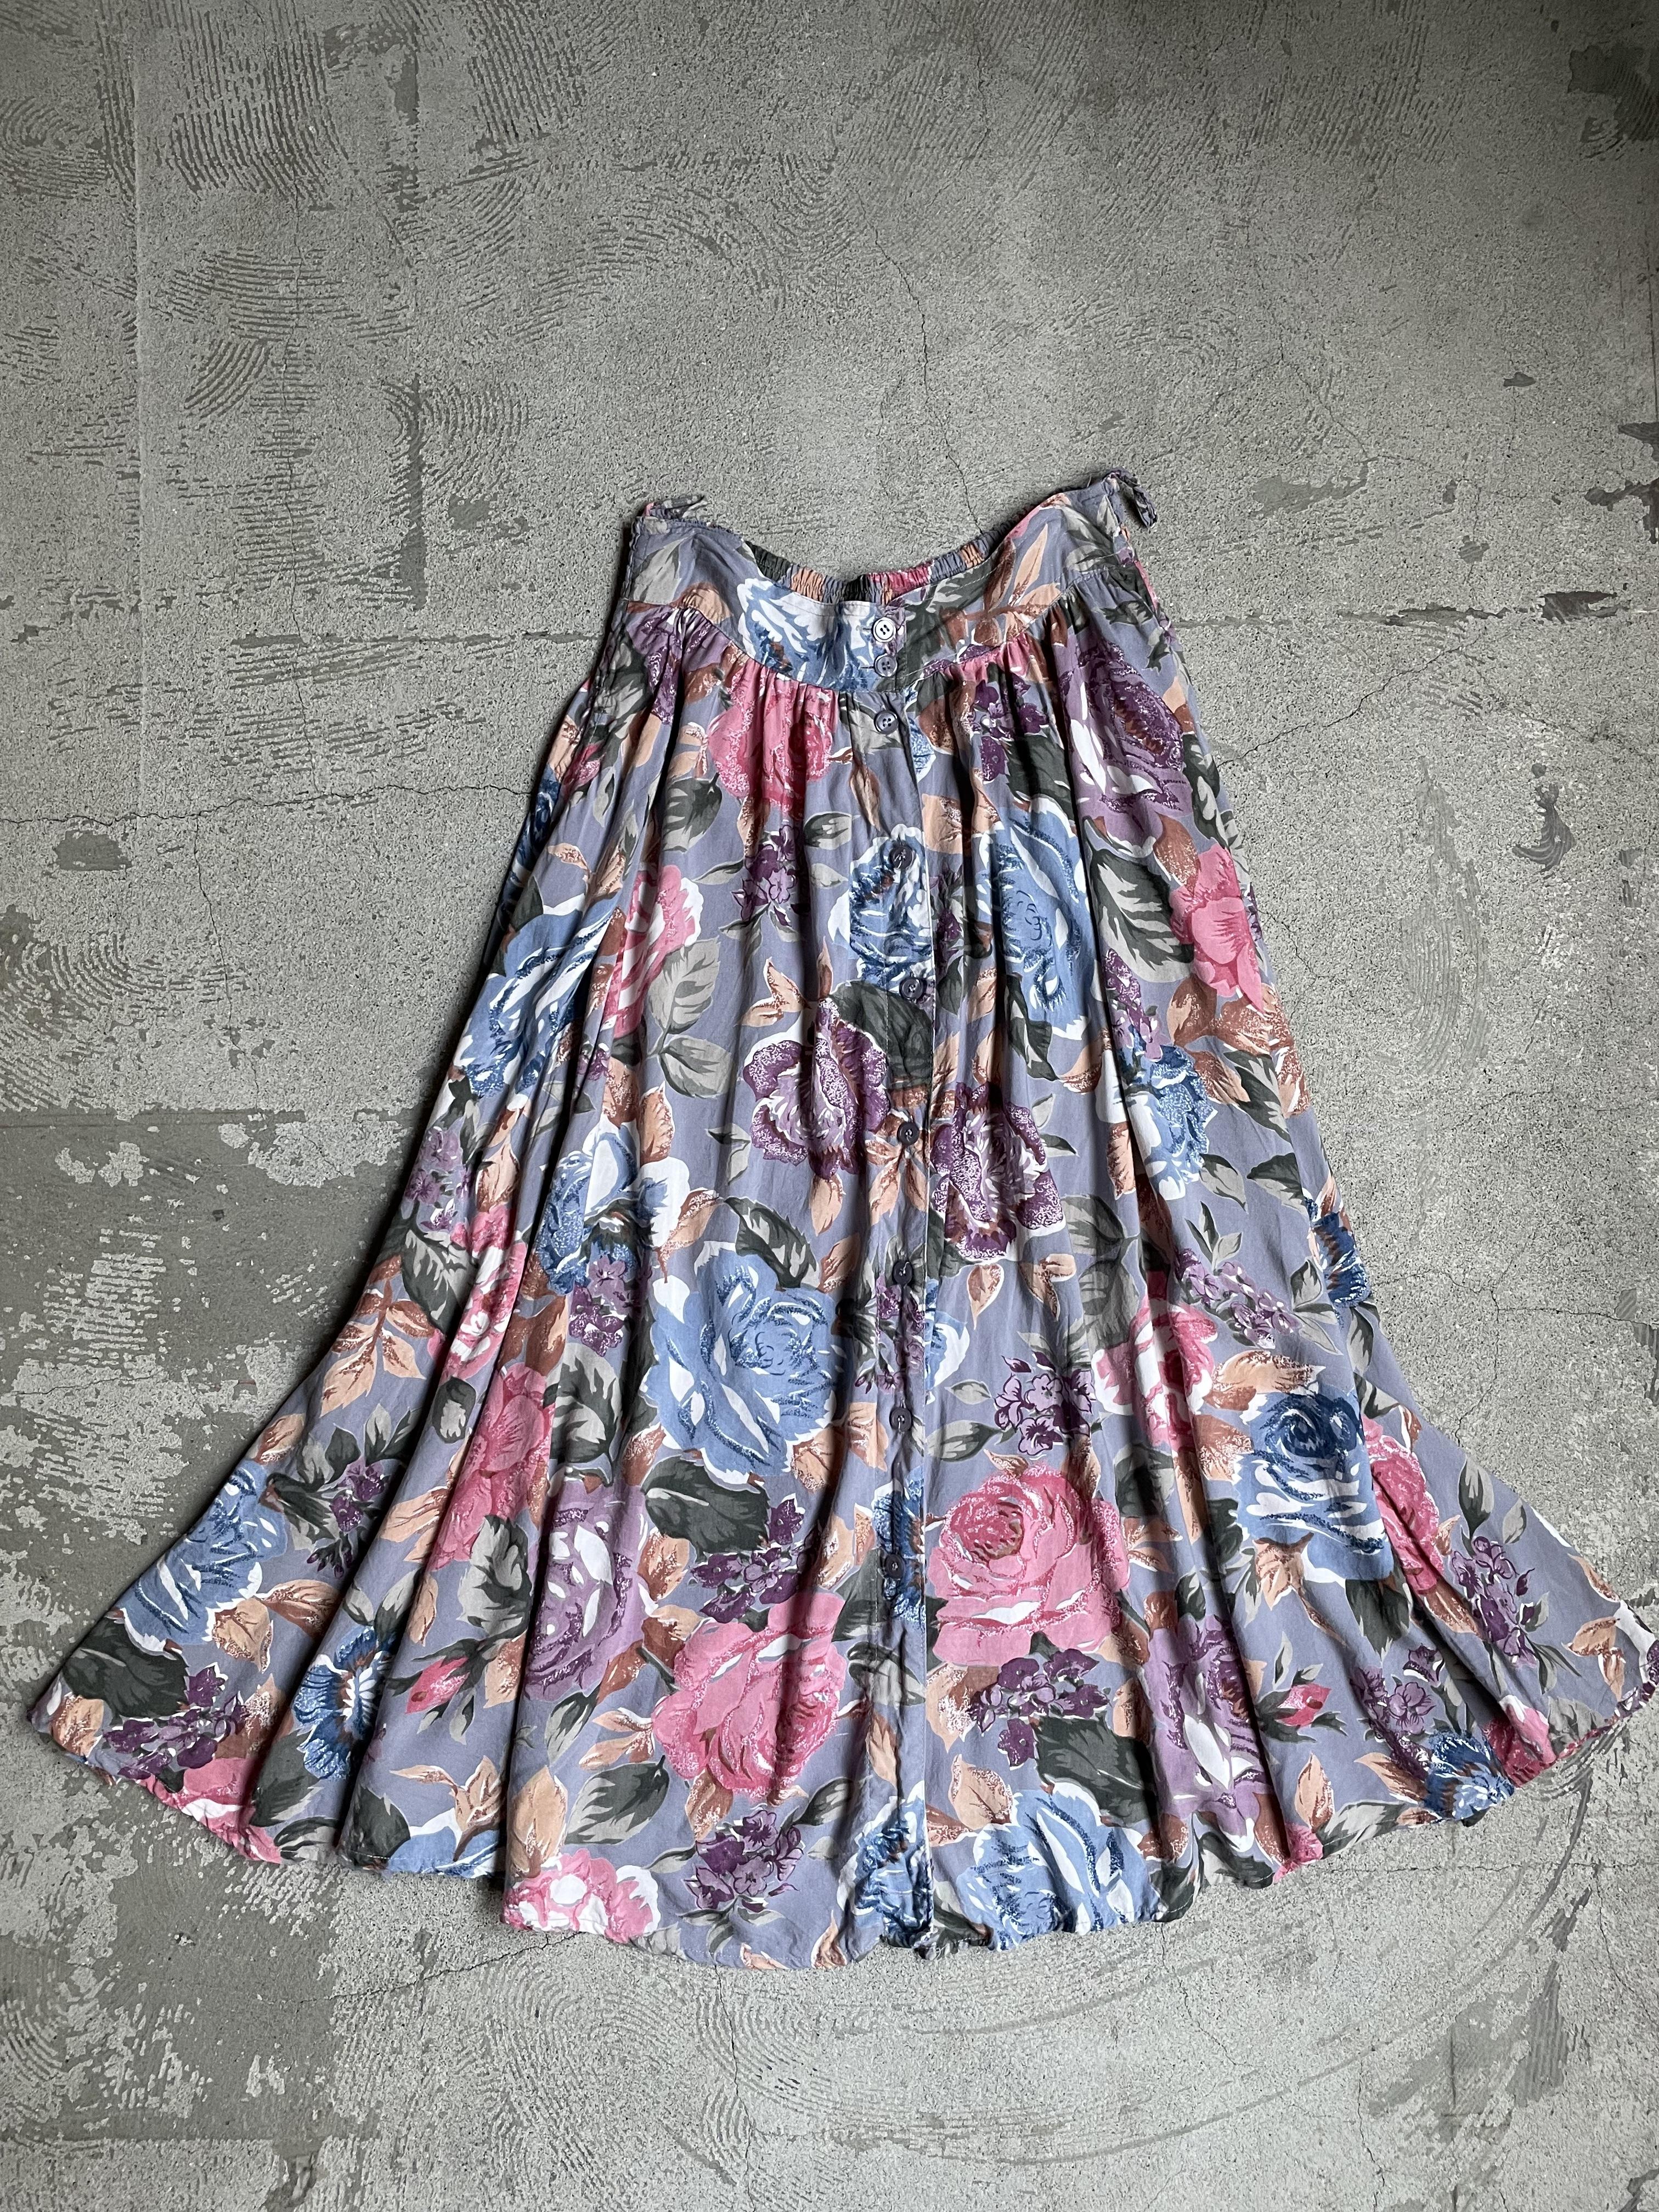 vintage rayon skirt